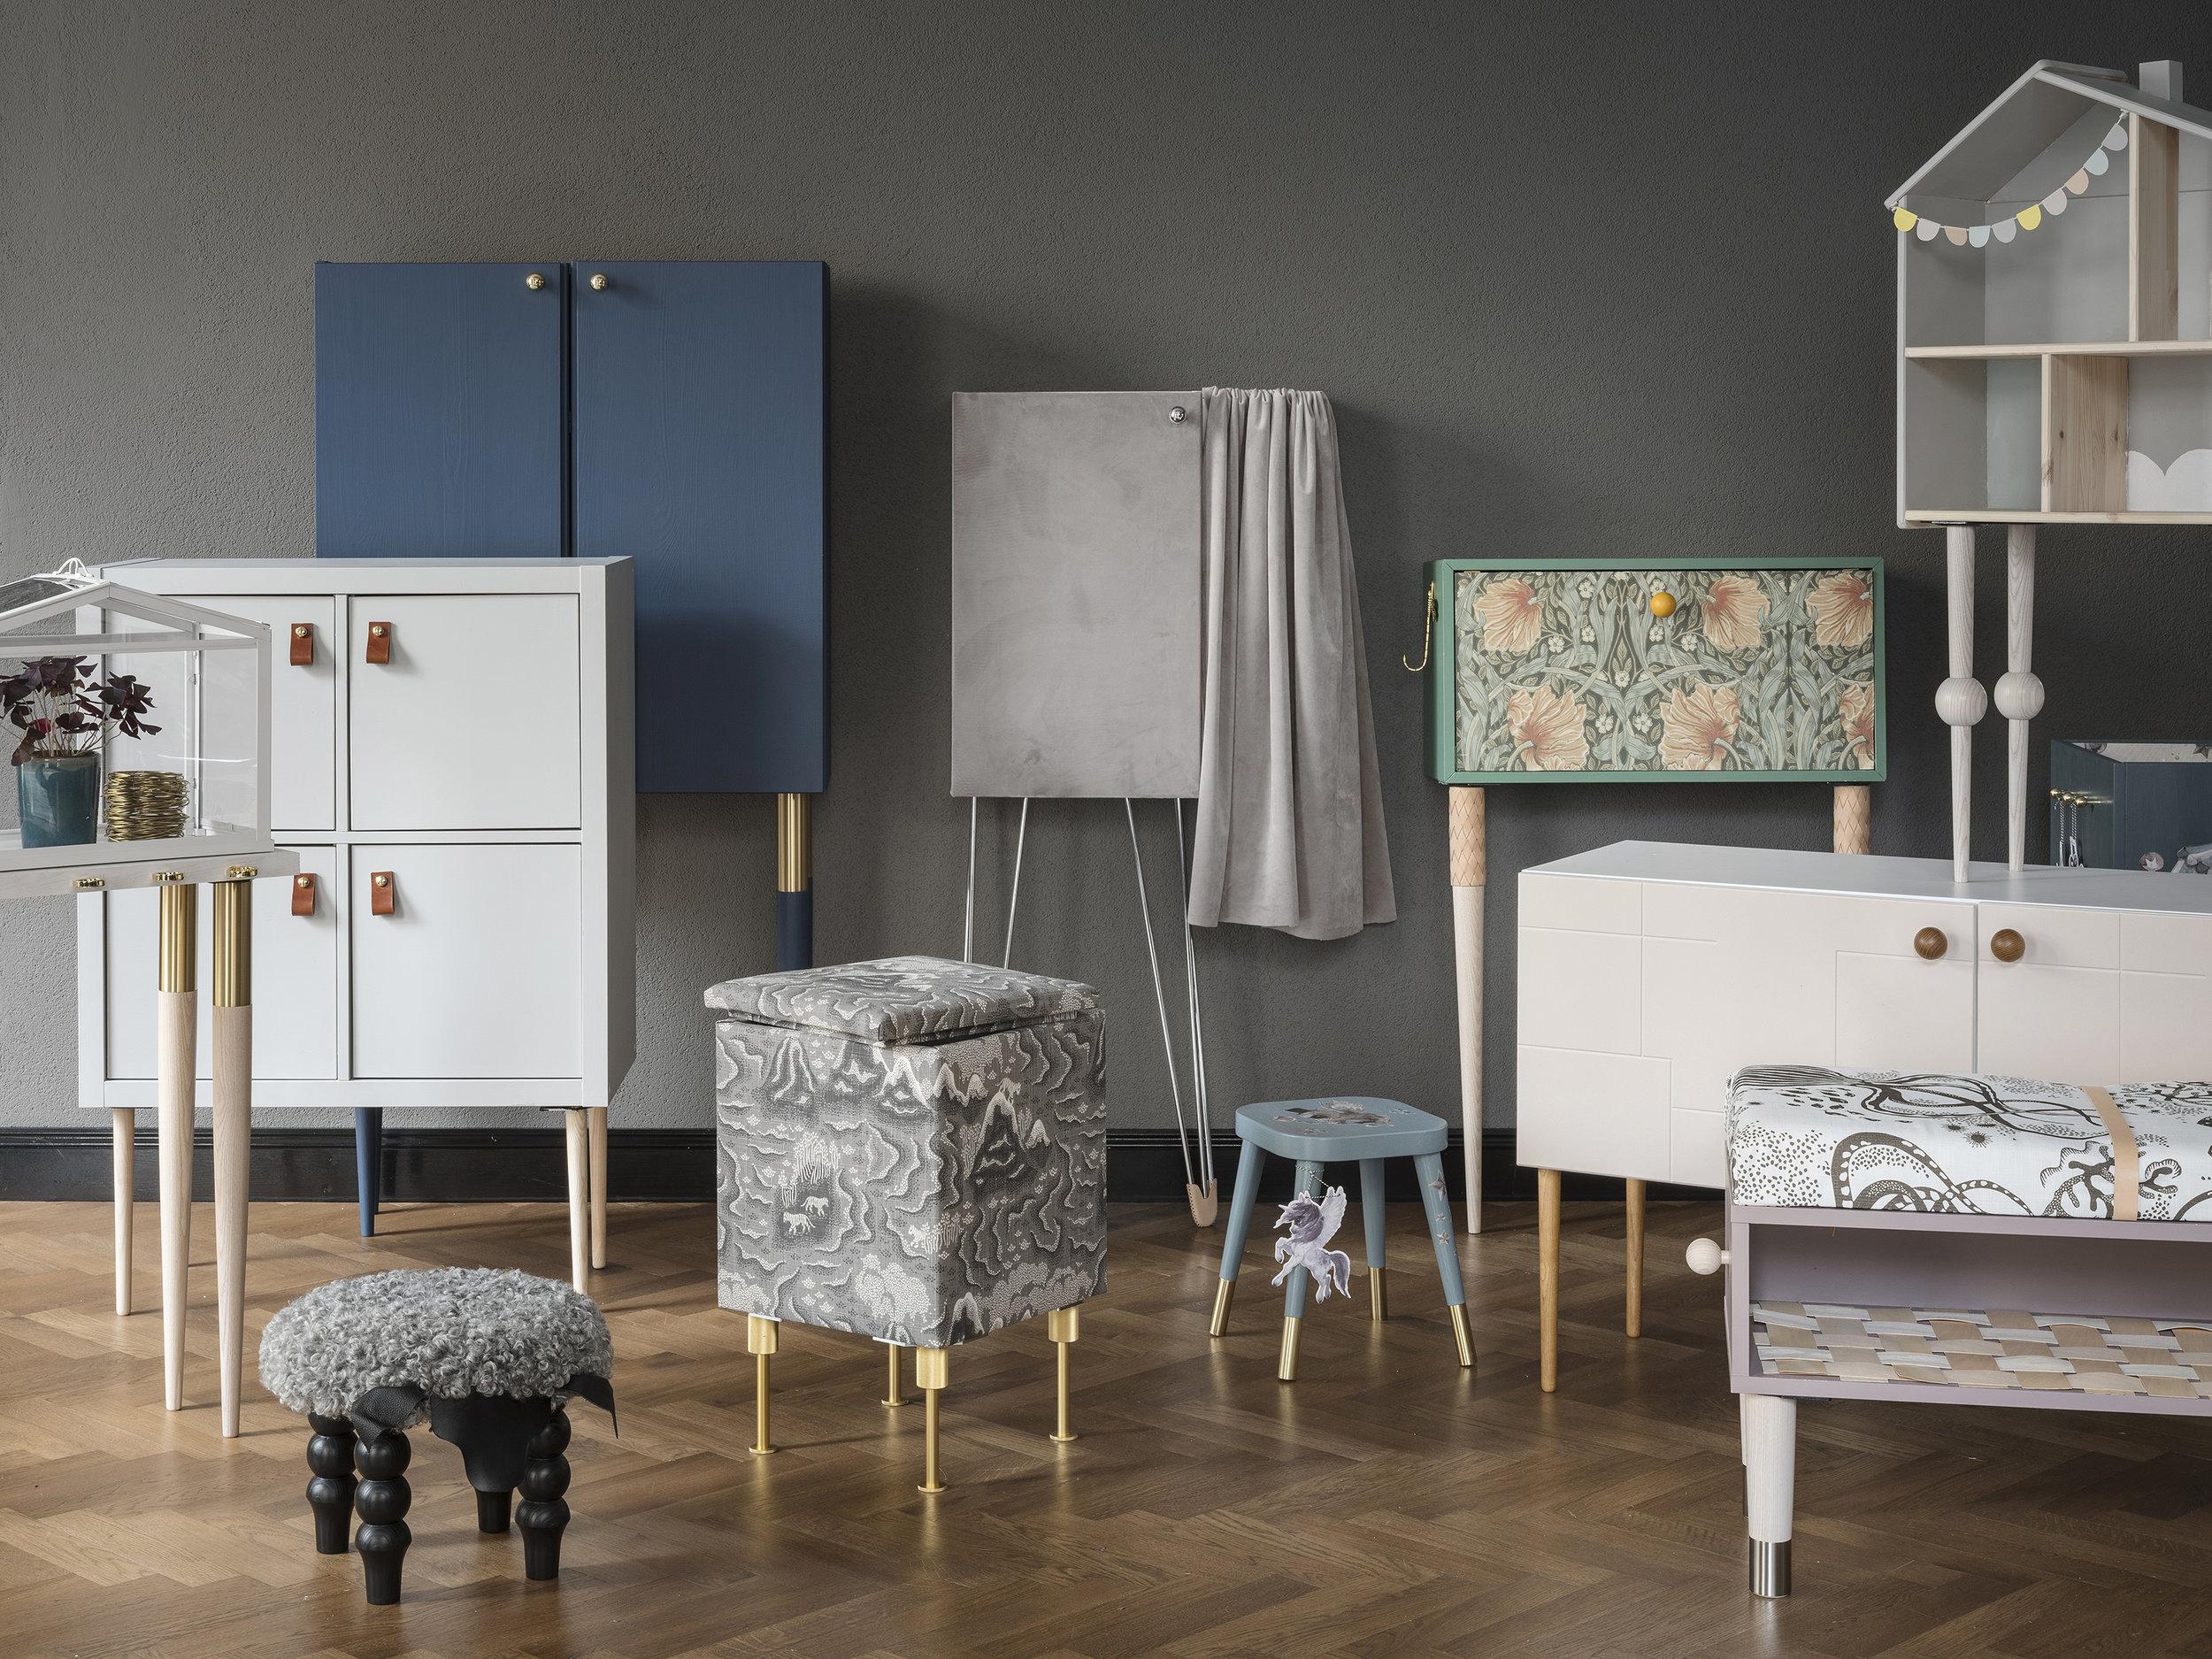 4. Gör det själv! - Det är kanske inte alla som känner sig bekväma nog att platsbygga en bokhylla, snickra ihop ett matbord eller måla sina egna tavlor. Men att göra om sina möbler eller inredningsdetaljer behöver inte vara så svårt. Det finns enkla hack som är perfekta för dig som vill inreda ekonomiskt och/eller platseffektivt. Här är några förslag:1. Köp udda stolar second- hand (oftast billigare än att köpa ett helt set) och måla dem i samma färg för att skapa en samhörighet. Eller gör tvärt om och köp ett helt set och måla dem i olika färger för att ge rummet lite karaktär.2. Skaffa ett bordsunderede i samma höjd som din köksbänk (oftast högre än ett vanligt matbord) och såga till en bordskiva eller bänkskiva i rätt storlek och skruva fast. Kombinera med halvhöga barstolar. Det lite högre matbordet kan användas som en köksö.3. Träbackar kan användas för att bygga smidiga och härligt rustika förvaringslådor, som lätt kan plockas isär och flyttas om.4. För att få lite färg i rummet utan att måla om väggarna kan man använda canvastavlor. Köp flera omålade canvastavlor och måla dem i olika färger (en färgskala eller bara färger du tycker är fina ihop) och sätt upp på väggen. En stilren färgklick som kan göra både ett subtilt och kraftigt intryck beroende på färgval.5. Kolla in fenomenet IKEA-hacks för inspiration på hur du kan förvandla dina IKEA-möbler! Secondhandsidor och butiker är dessutom fulla av kasserade IKEA-möbler, som kan bli ett riktigt kap.